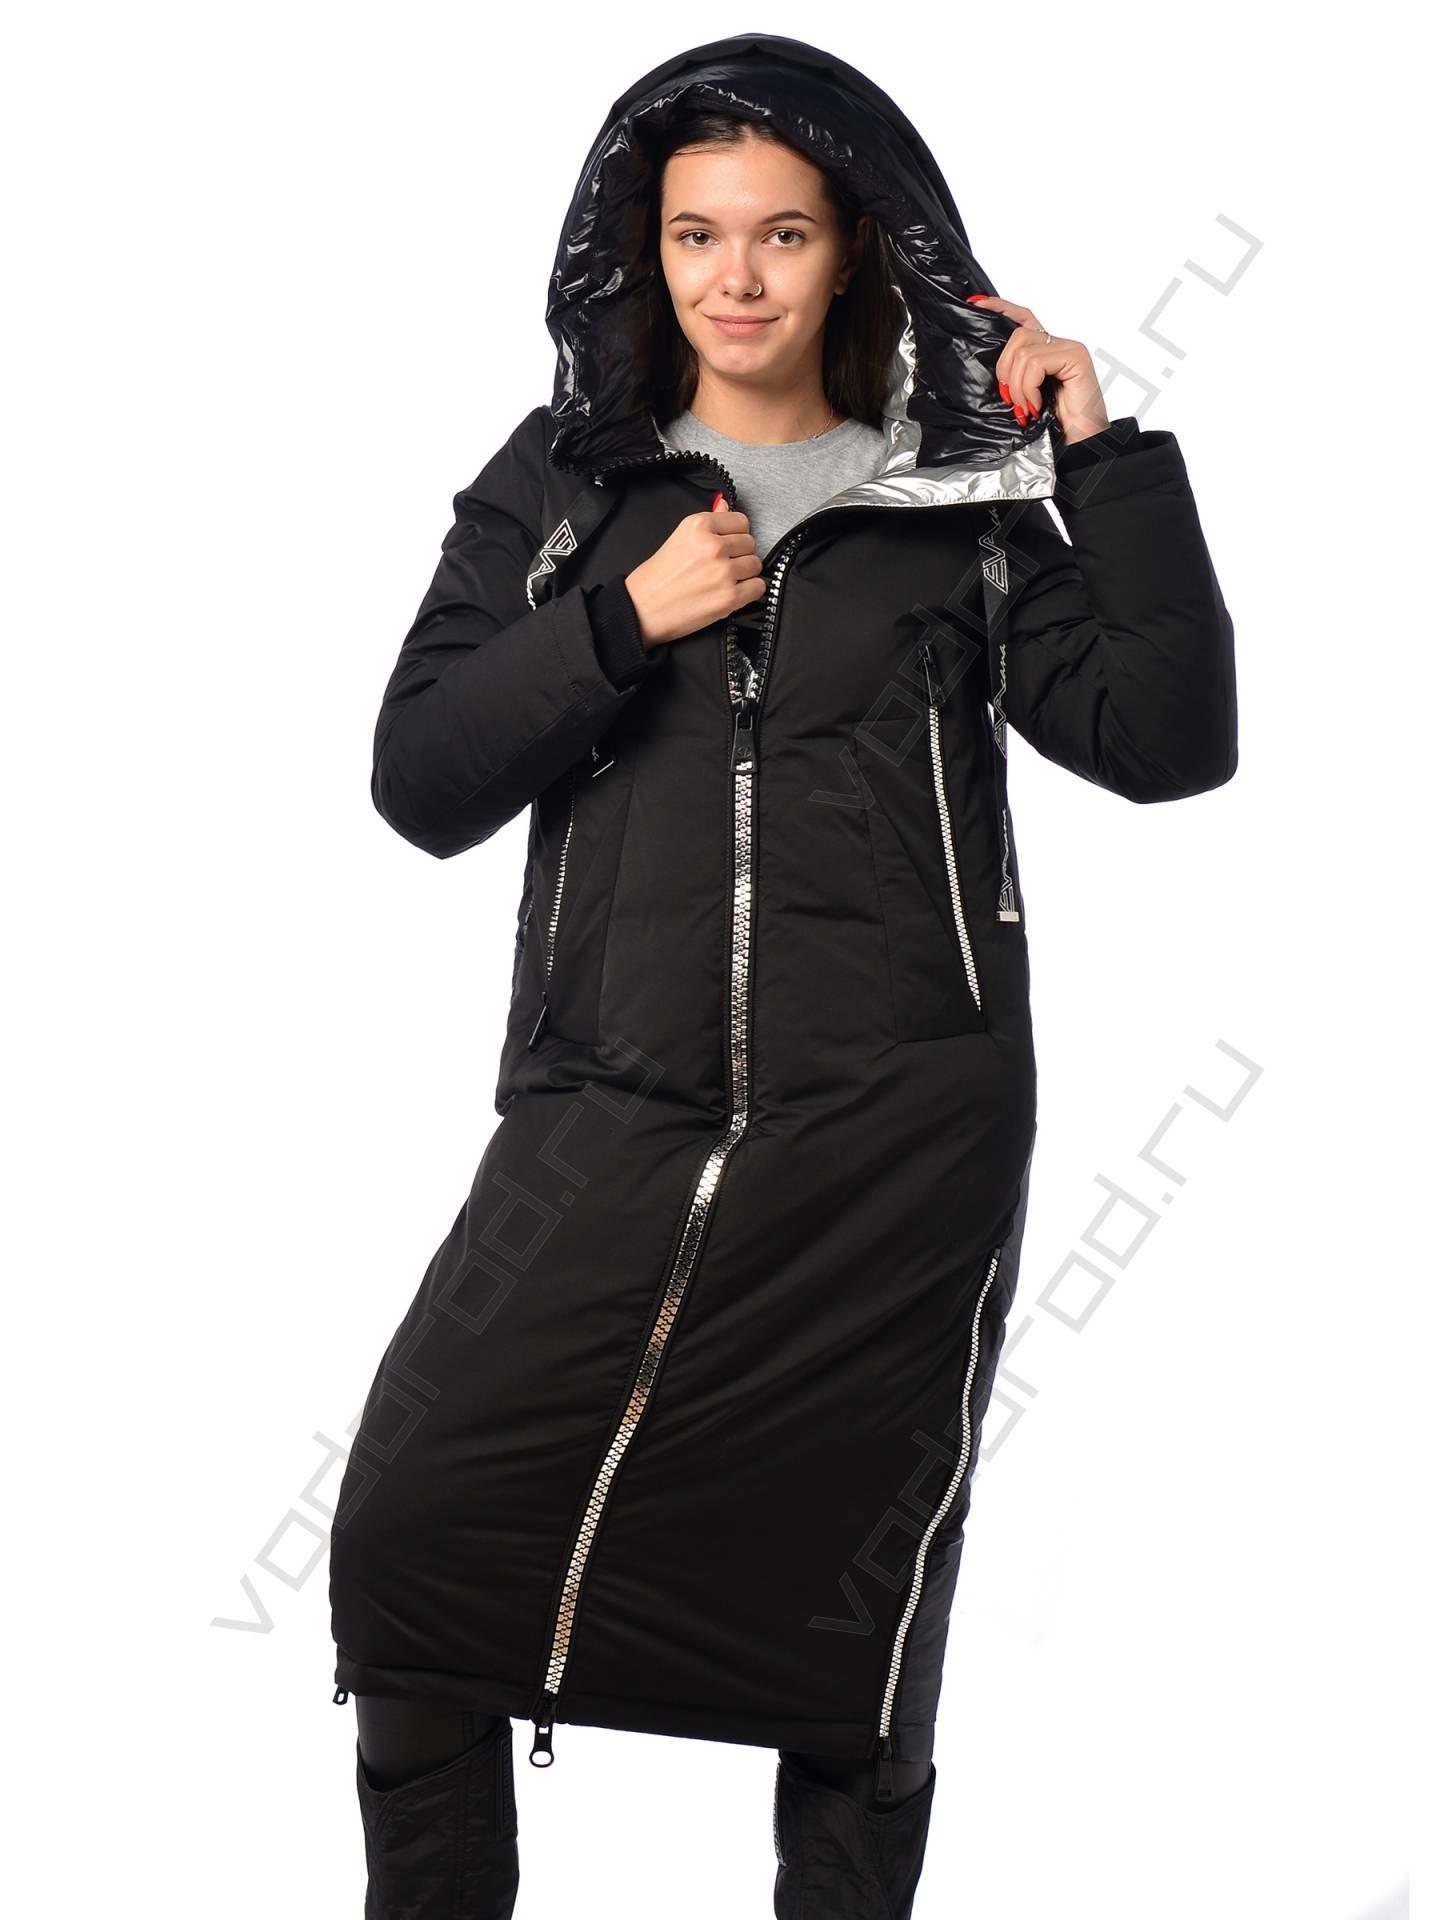 Удлиненная зимняя женская куртка в Хабаровске купить в интернет-магазине